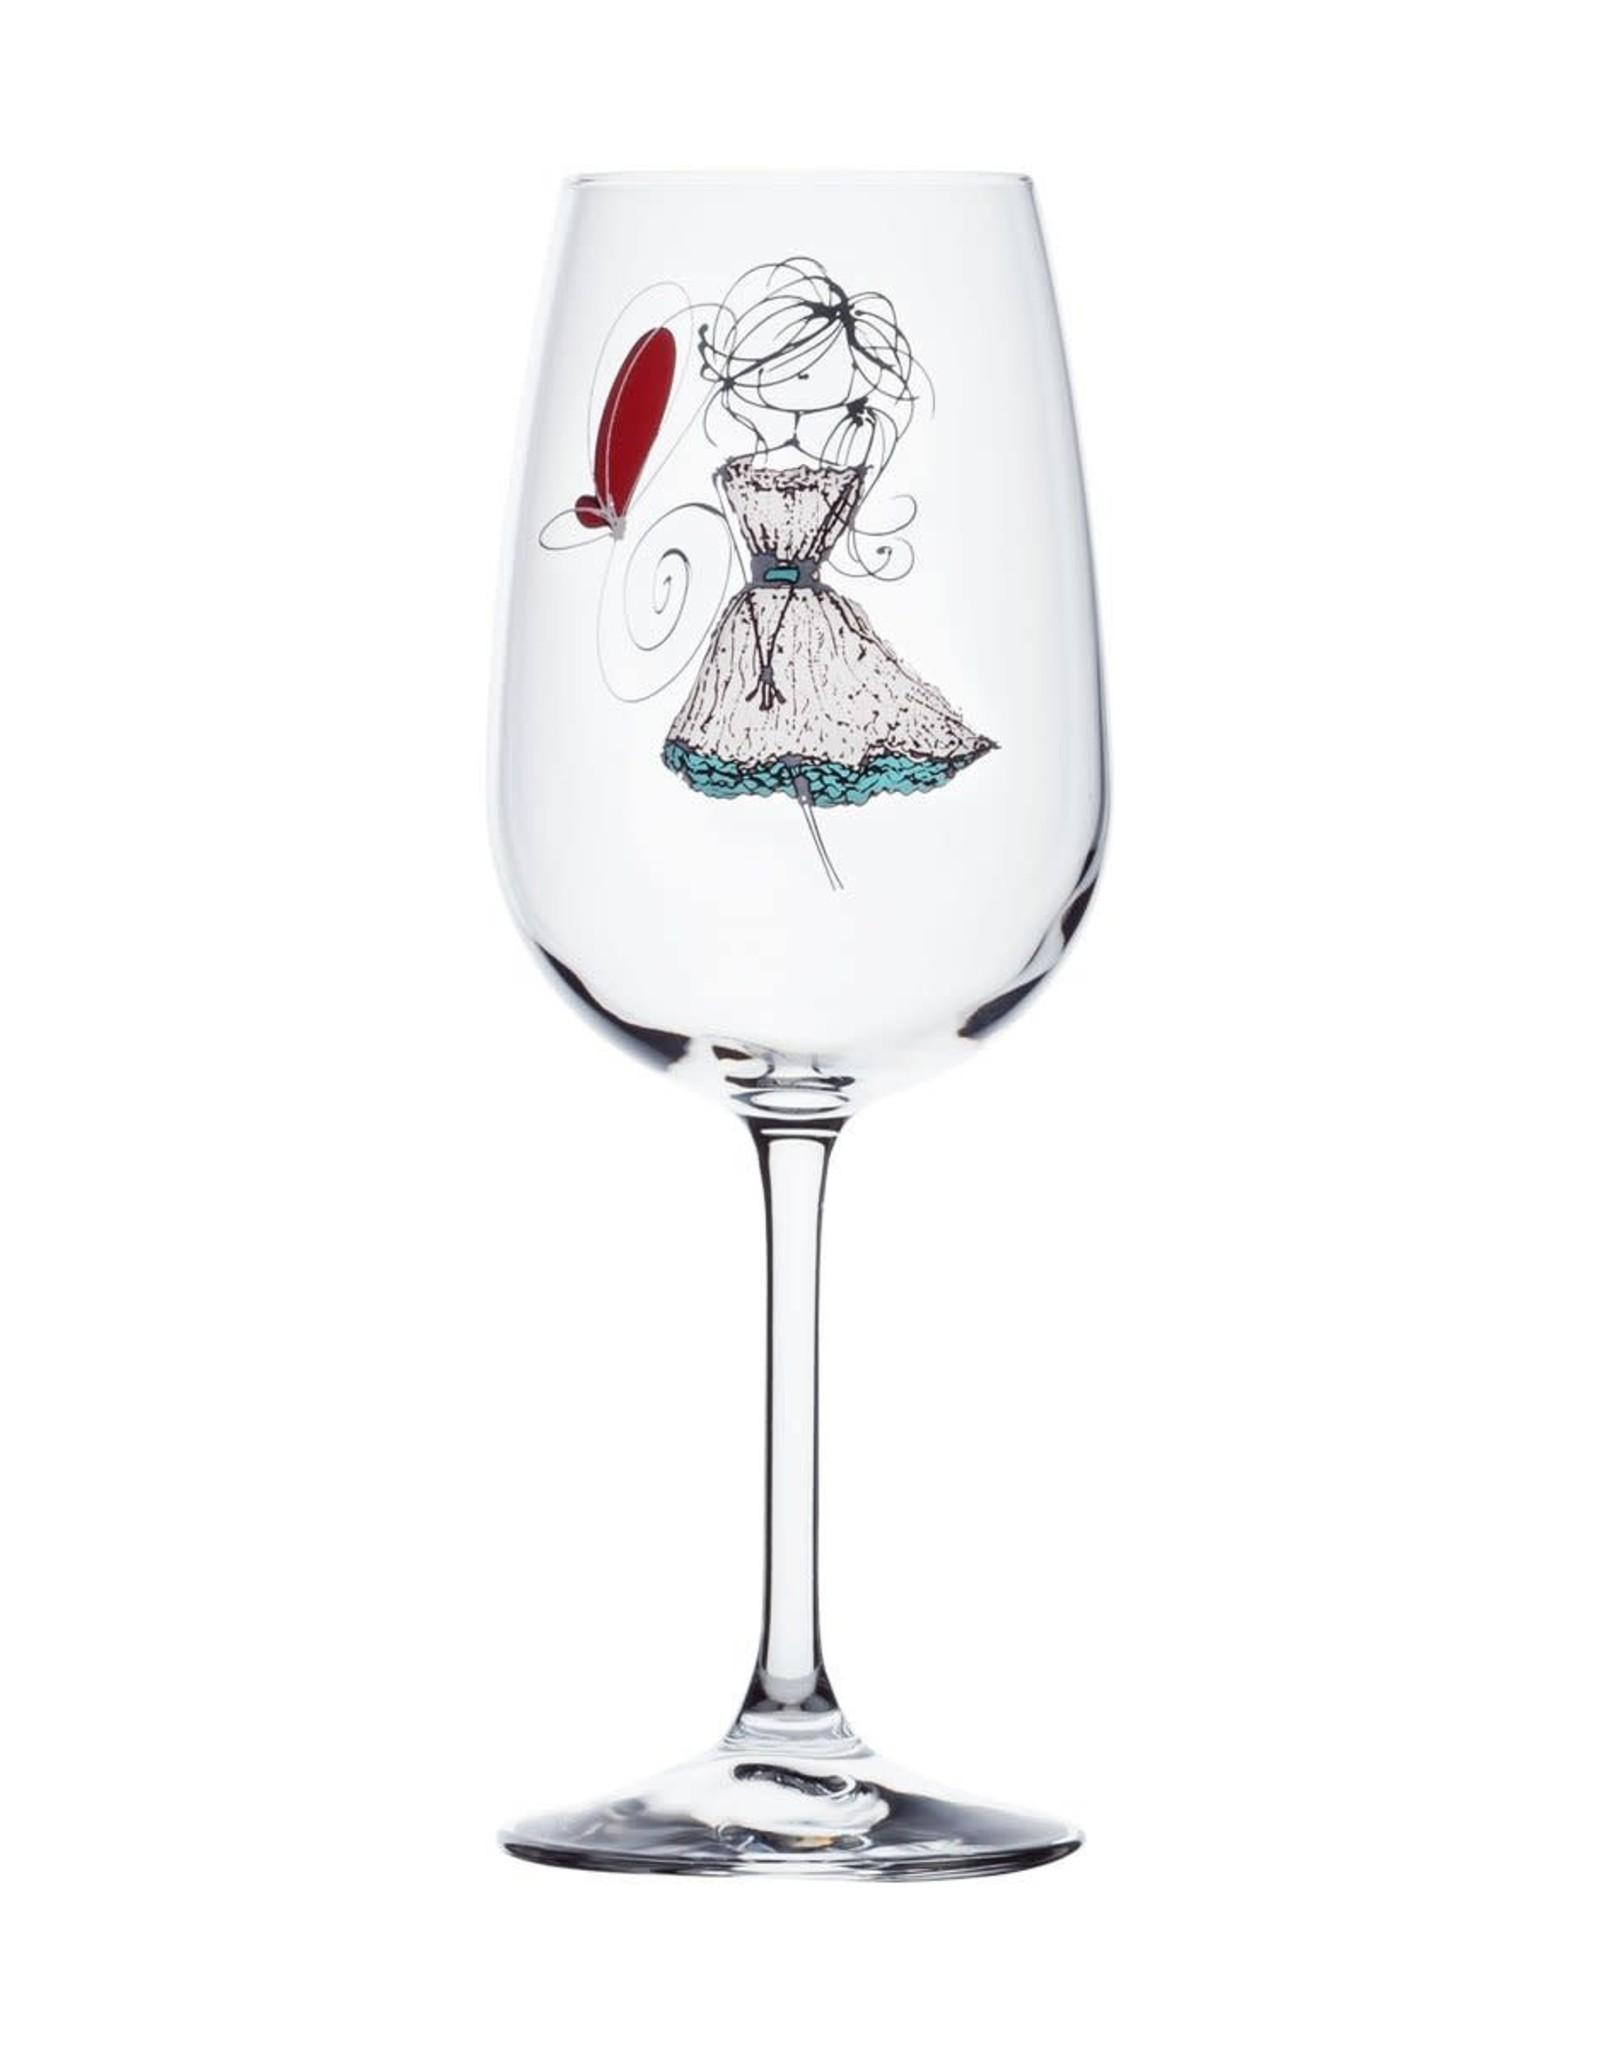 Bizzart & cie Verre à vin Fille robe Blanche   - Amis